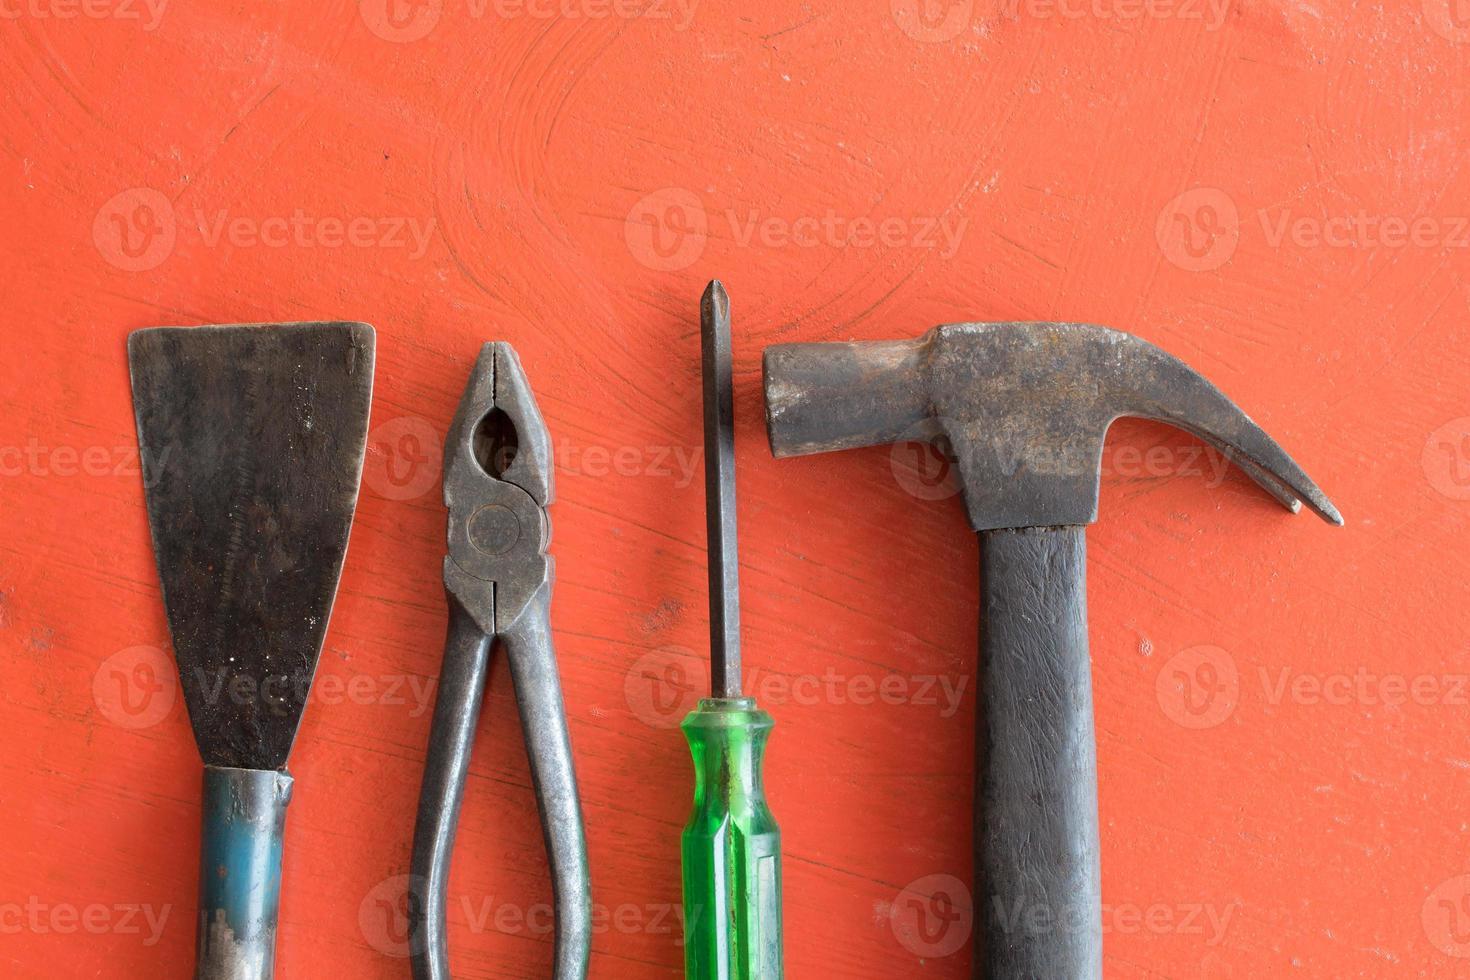 strumenti per ingegnere su sfondo arancione foto